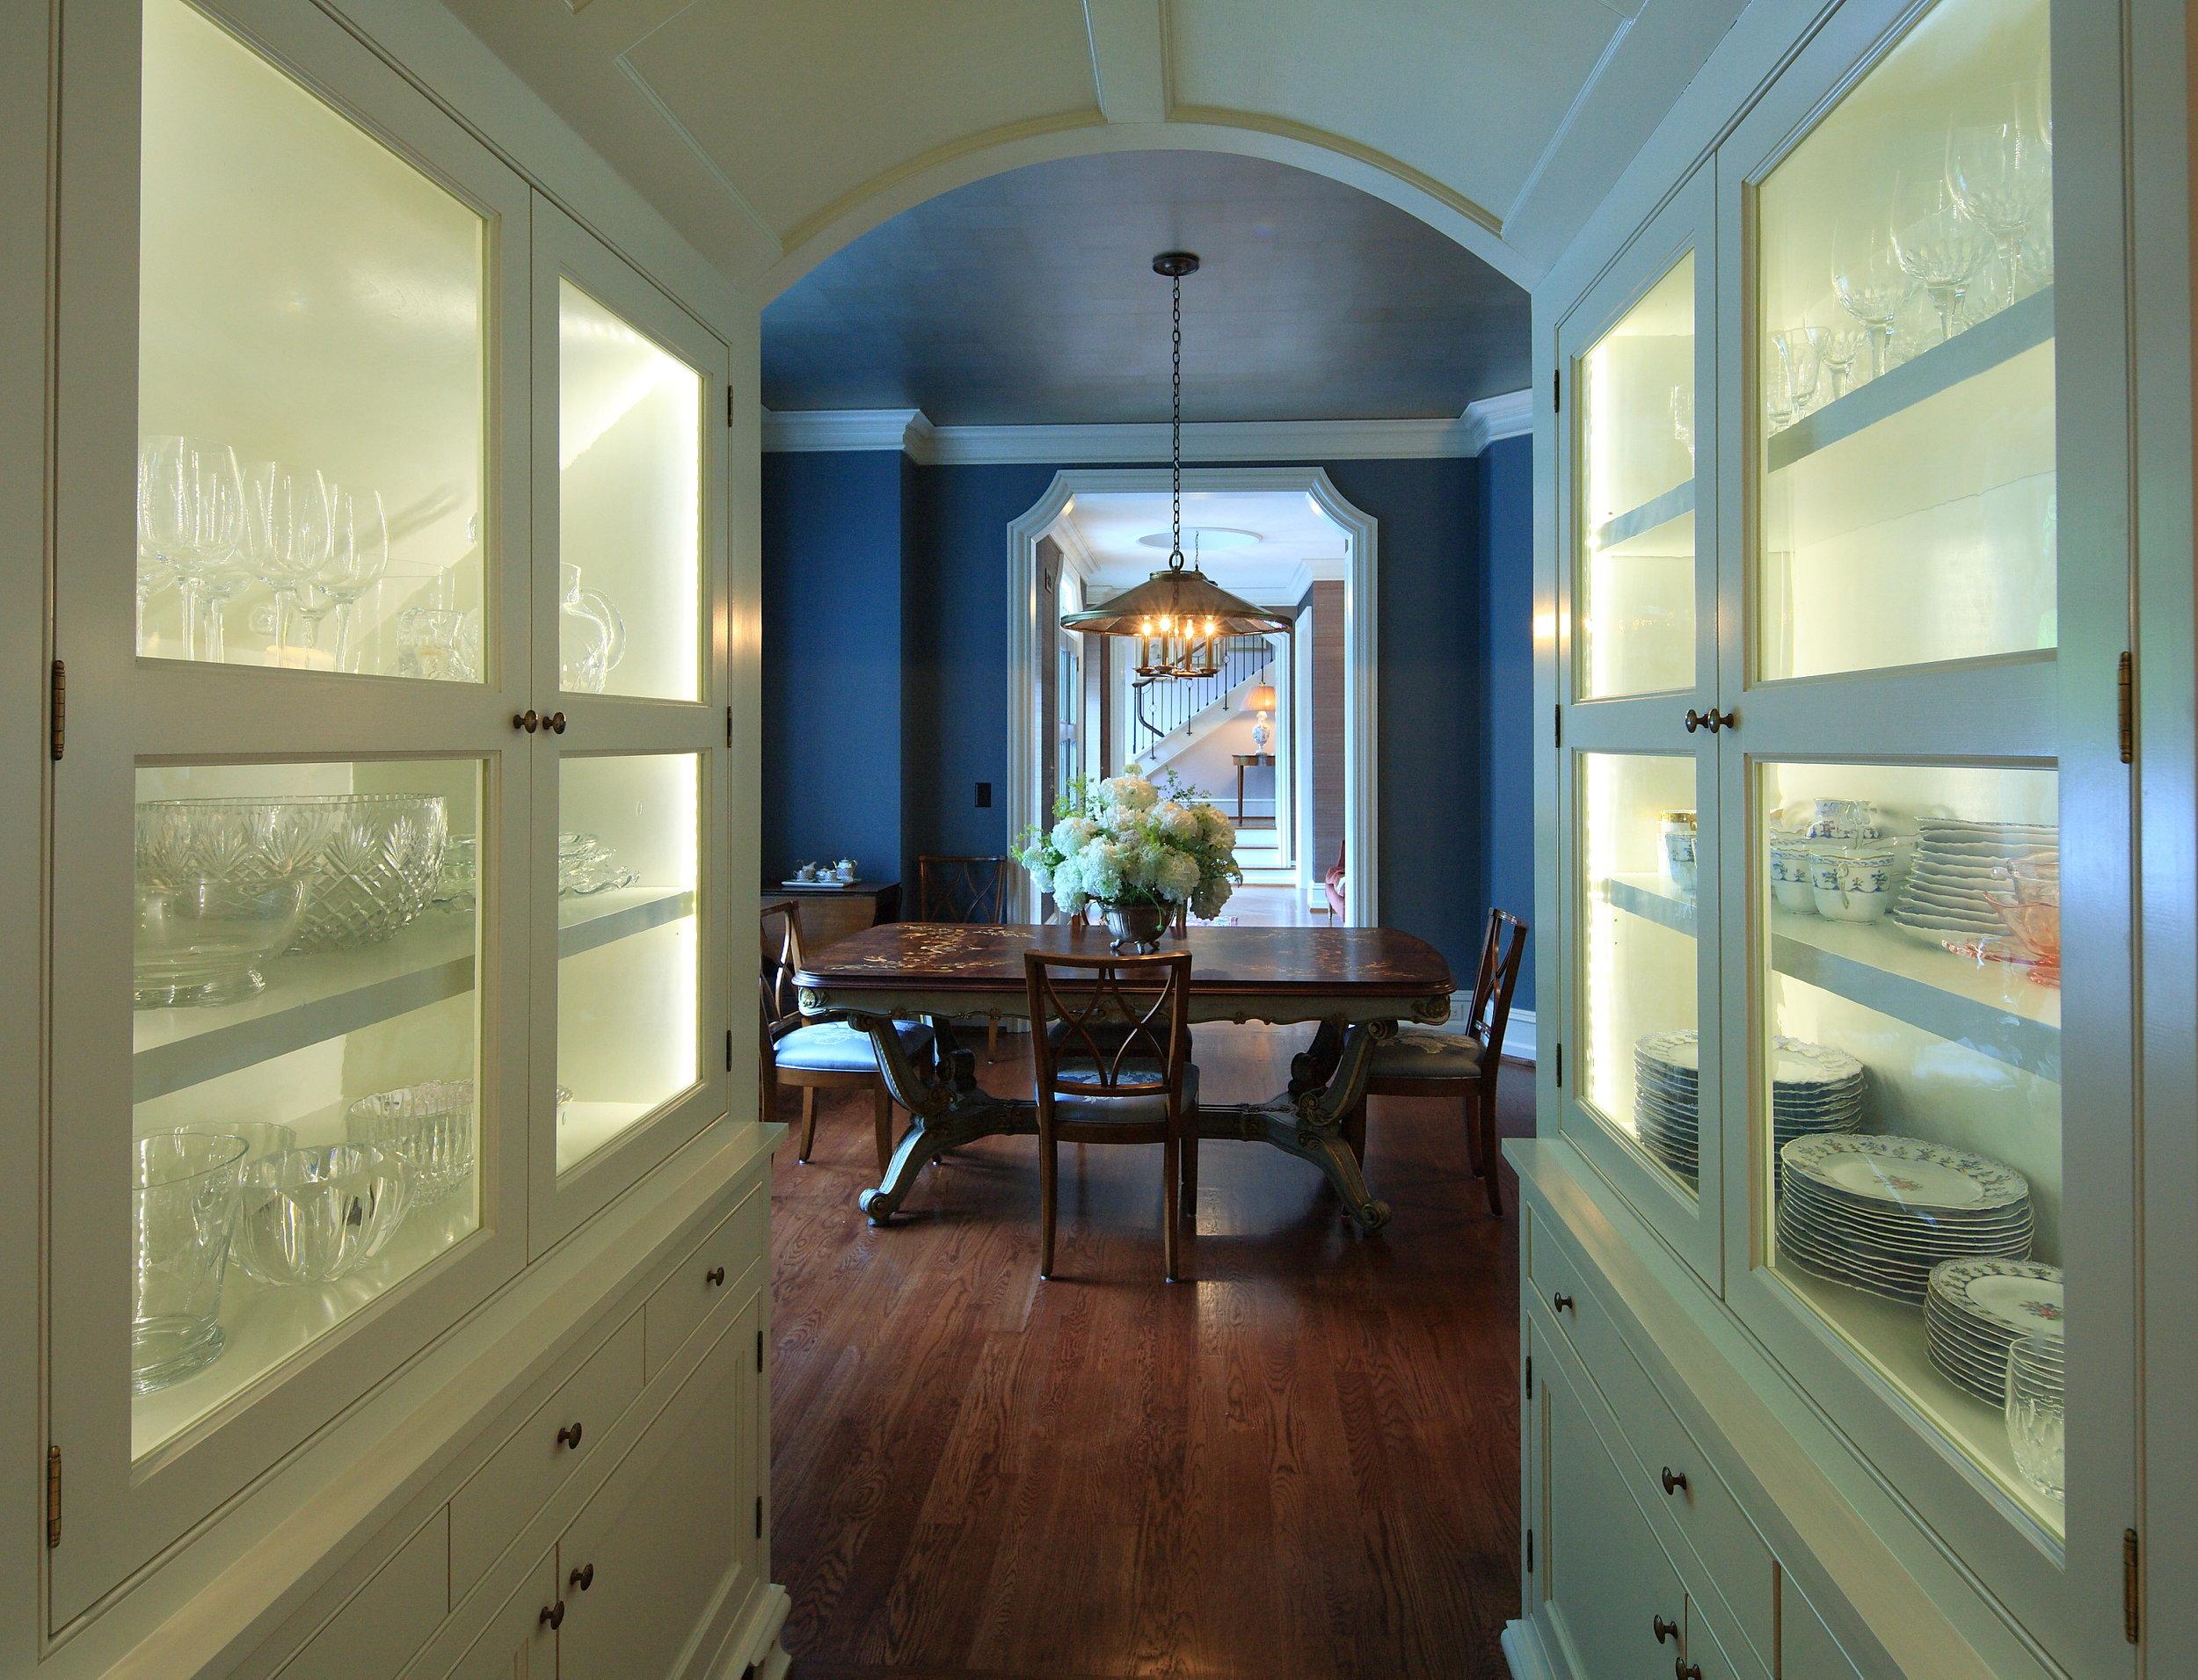 2 Dining Room Butler.jpg